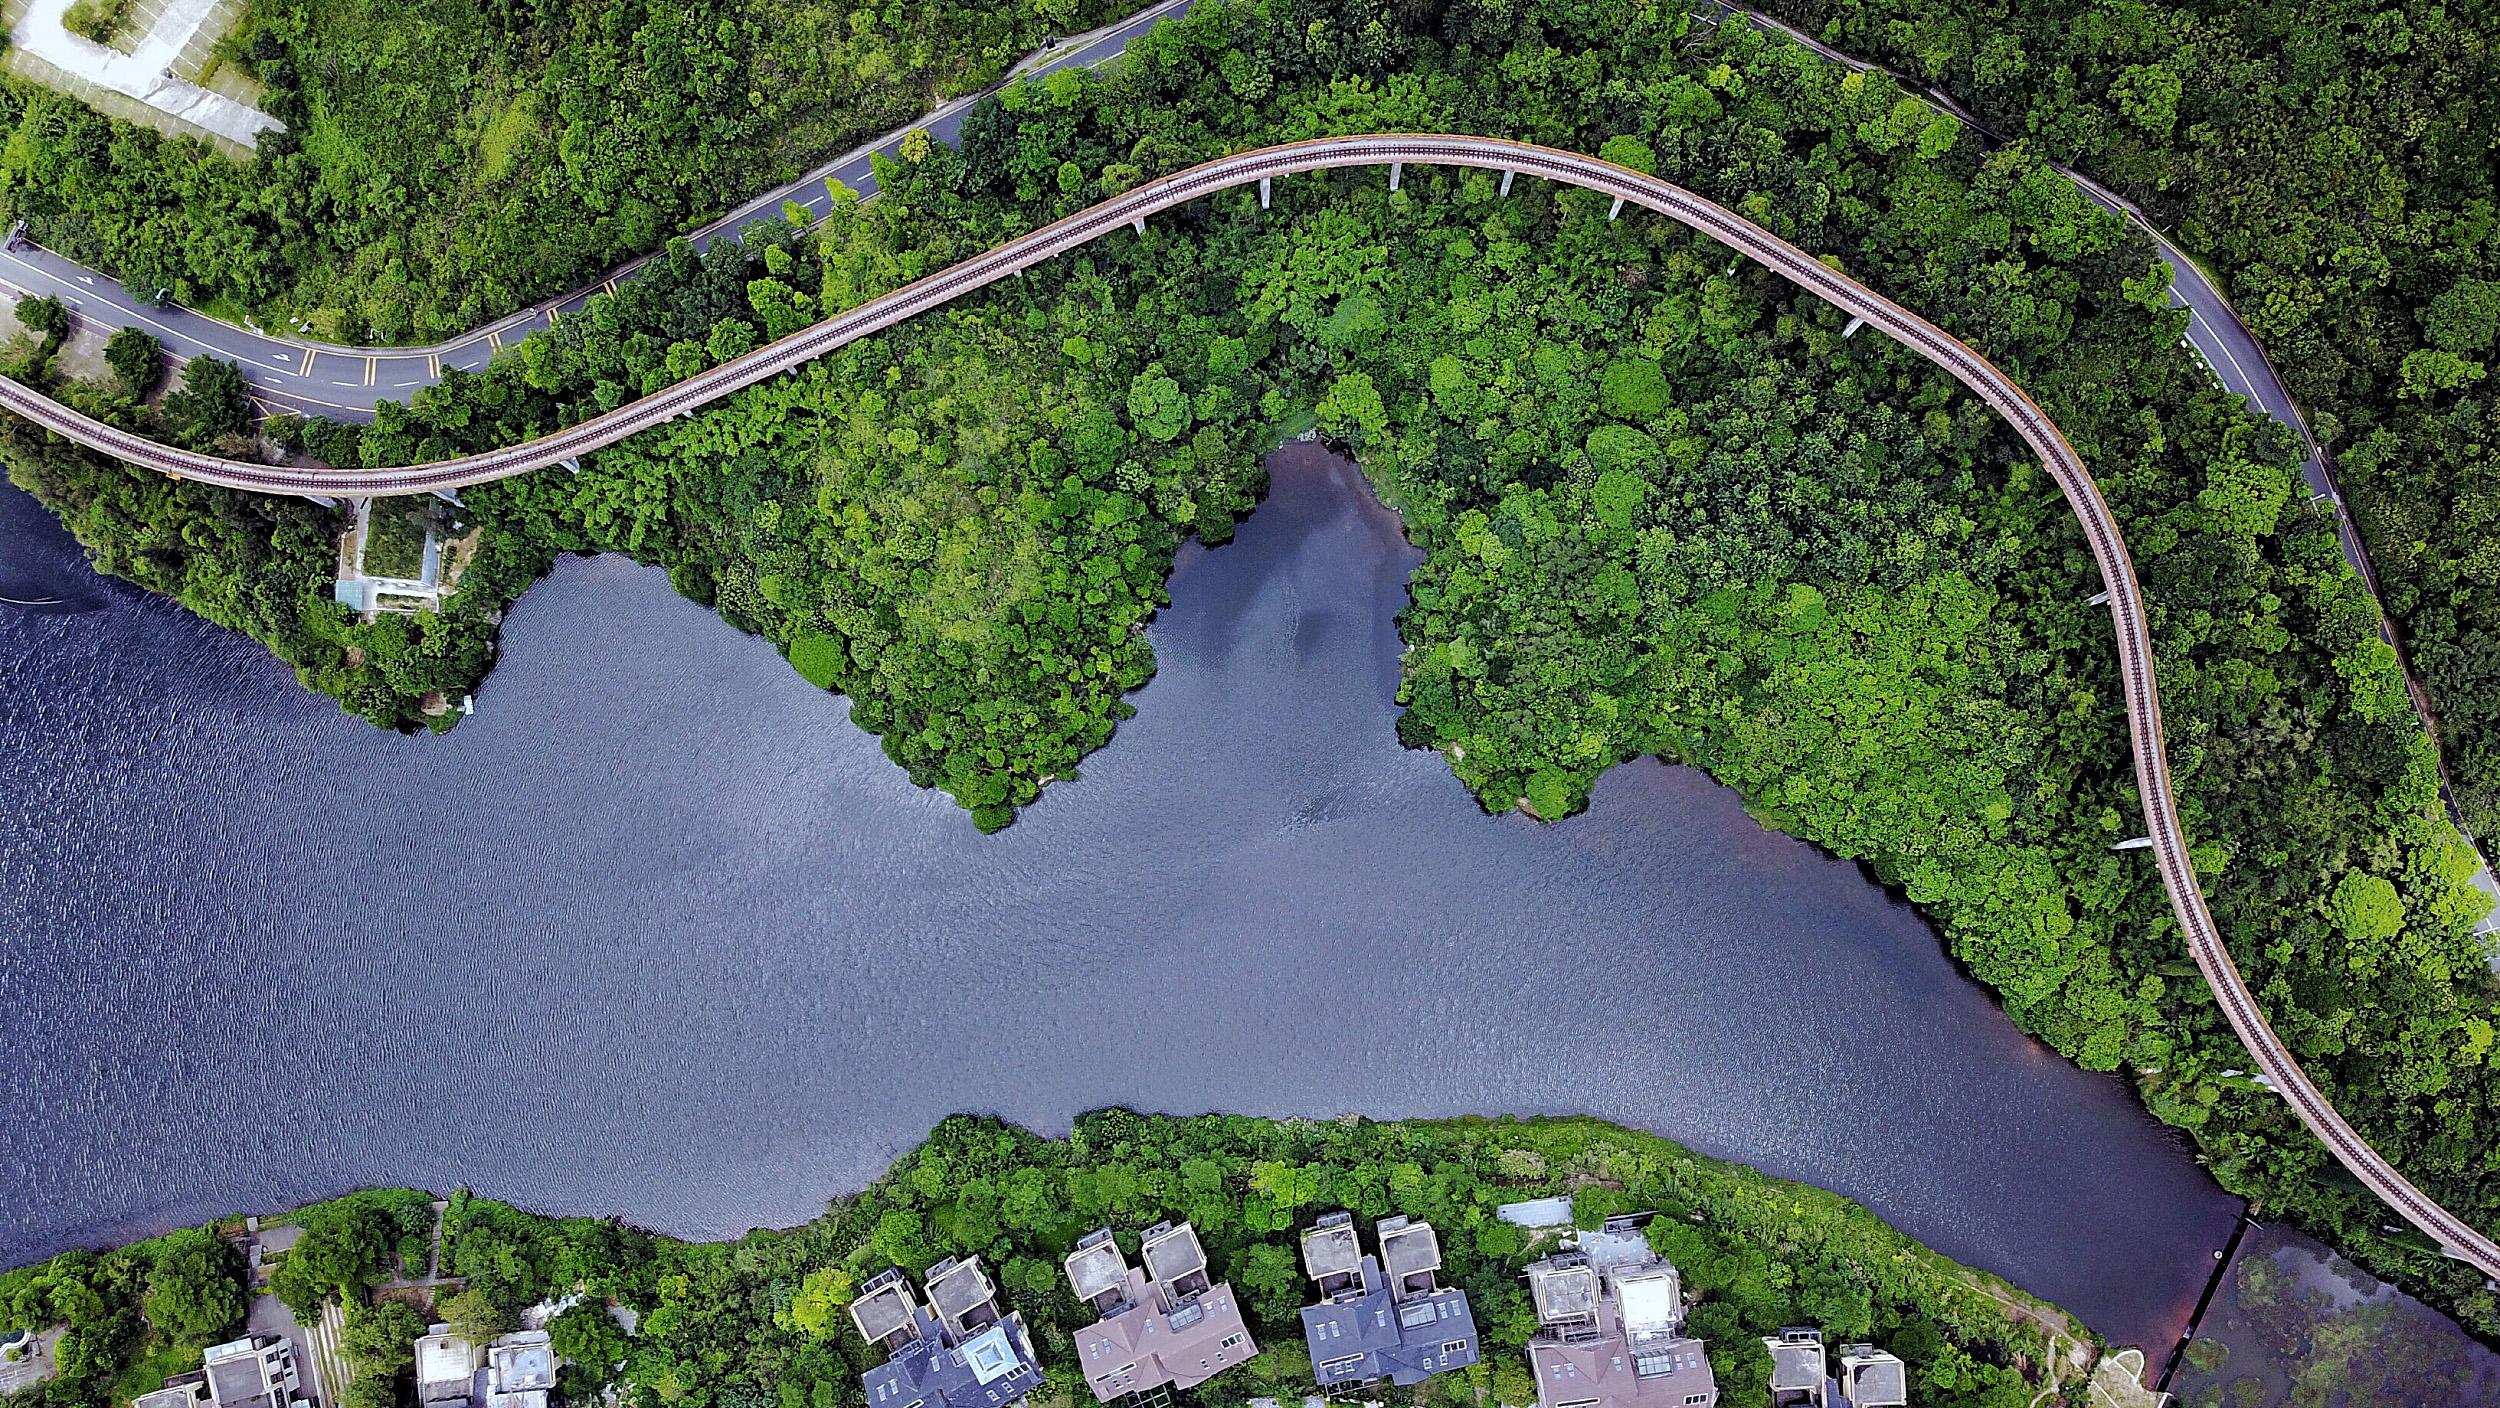 端午假期将至 这份东部华侨城景区游玩攻略请查收